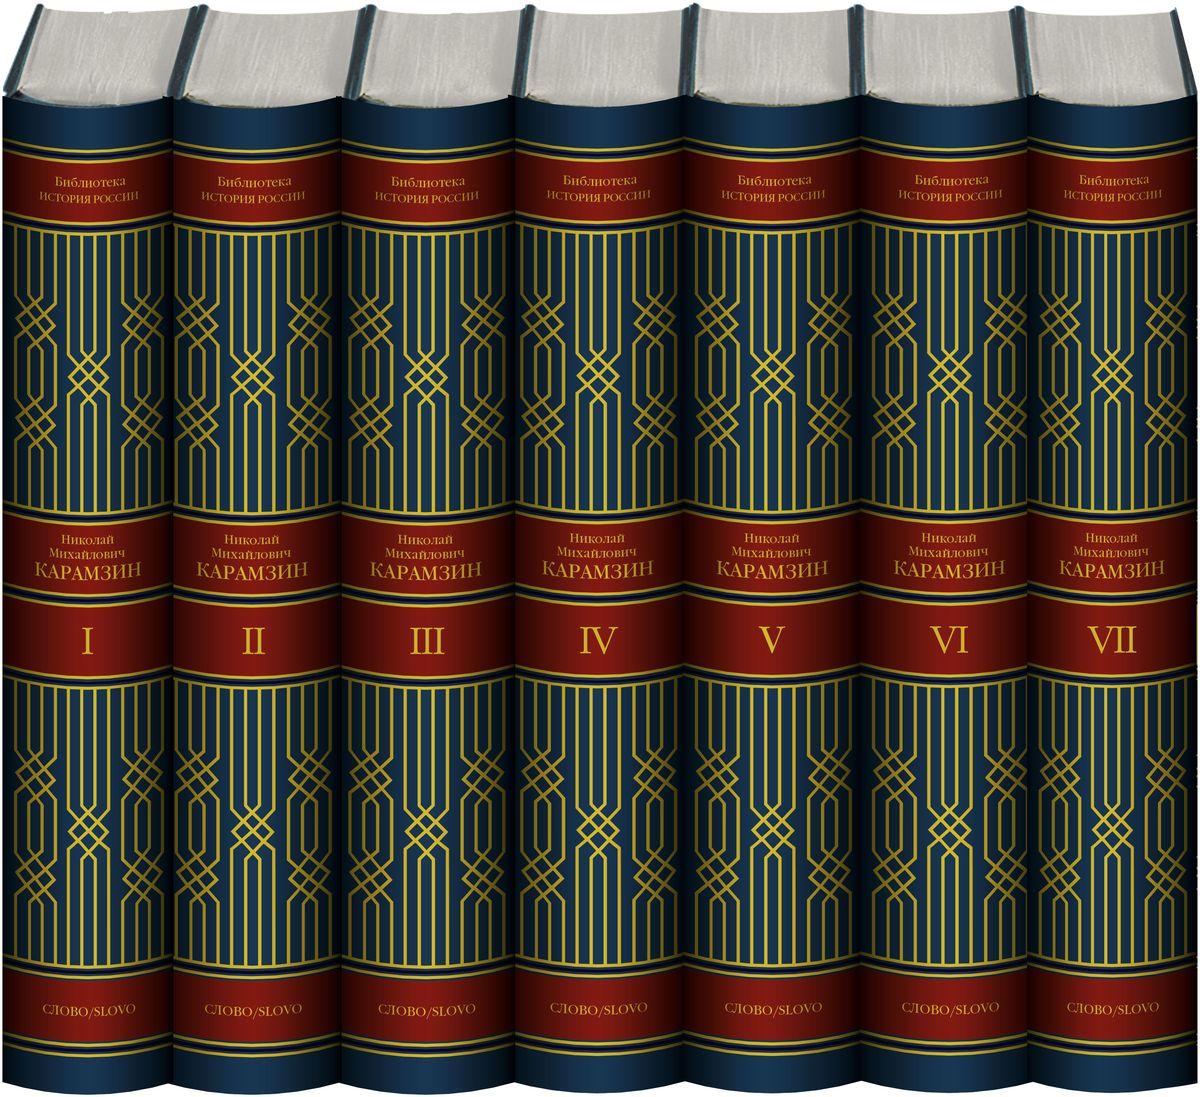 Н. М. Карамзин Н. М. Карамзин. Собрание сочинений. В 7 томах (подарочный комплект из 7 книг) н м карамзин н м карамзин избранные сочинения